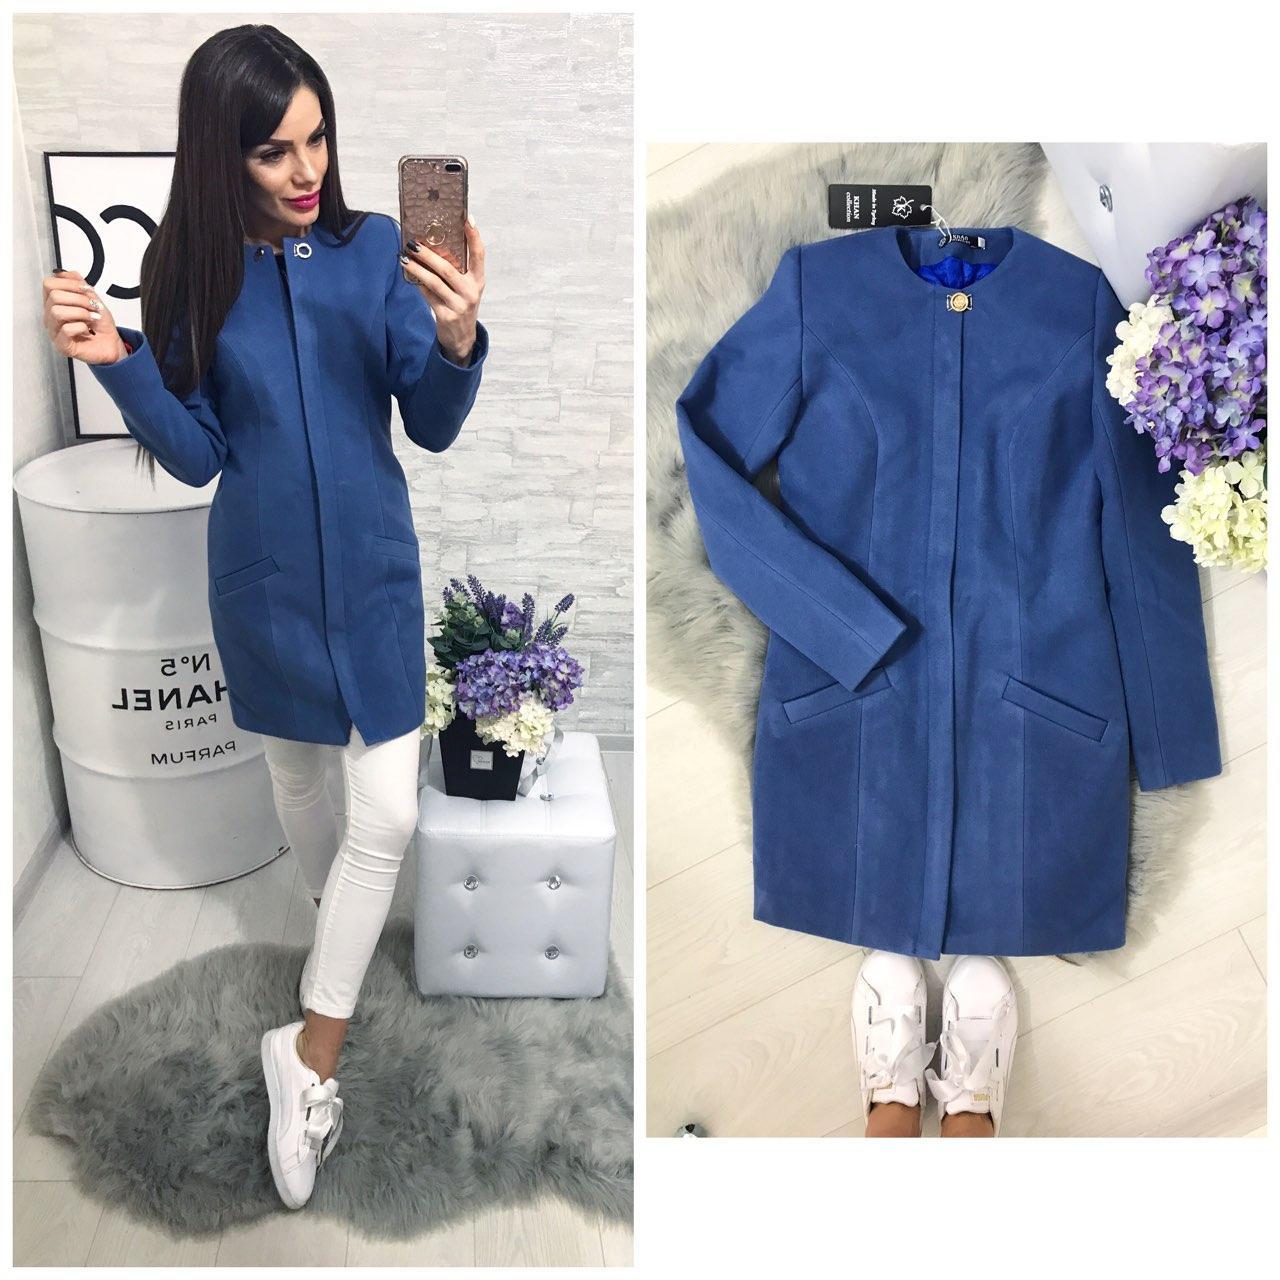 Пальто женское, модель  739/2,  джинс